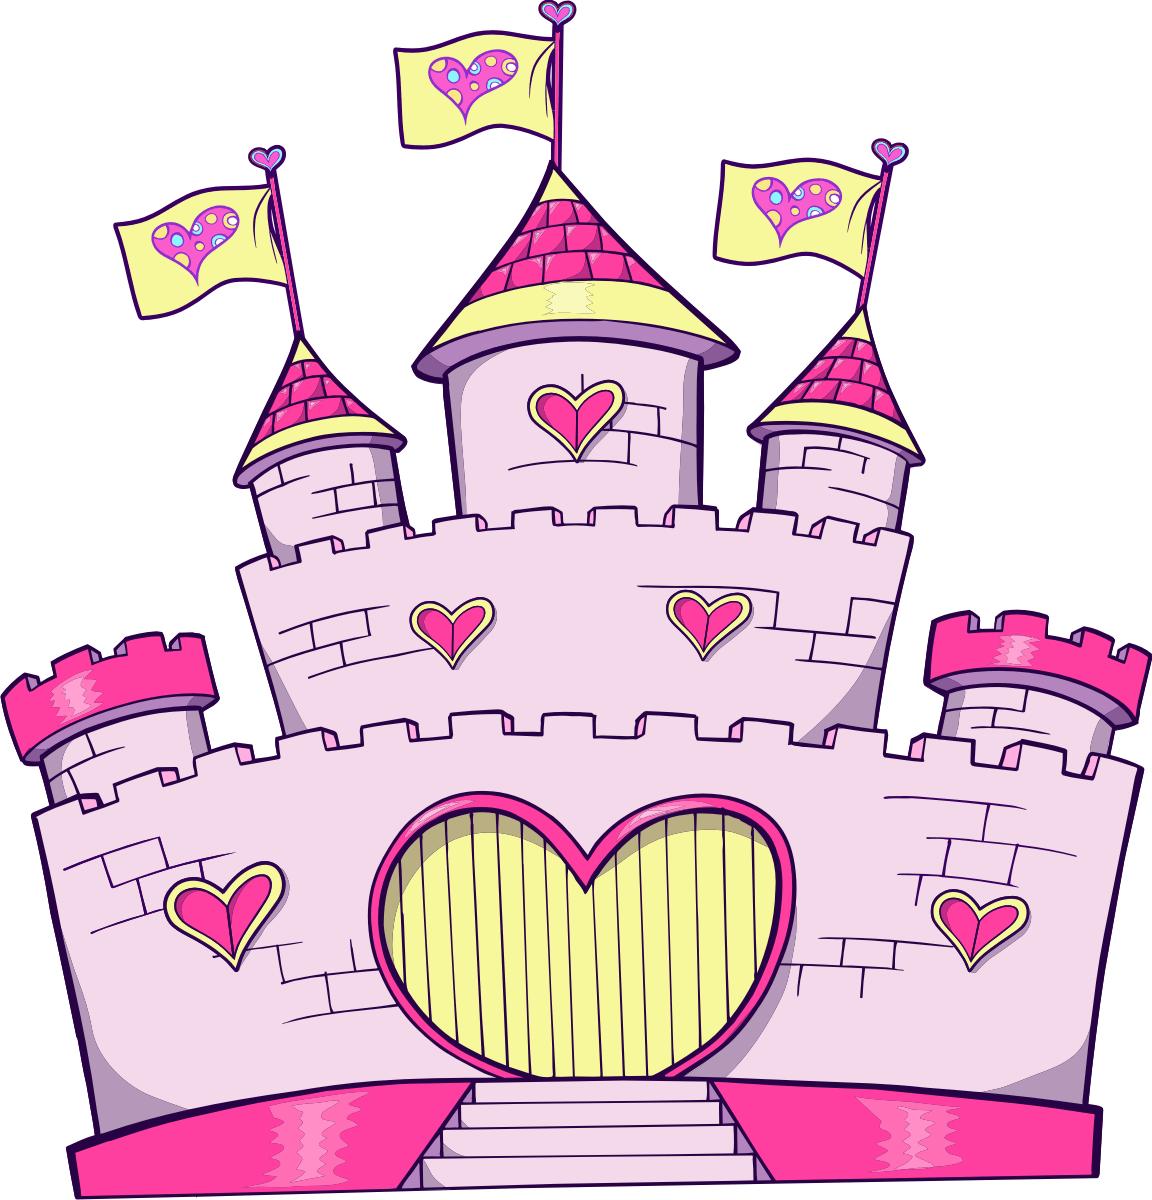 Adesivi per bambini castello 2 - Castillos para ninos de infantil ...